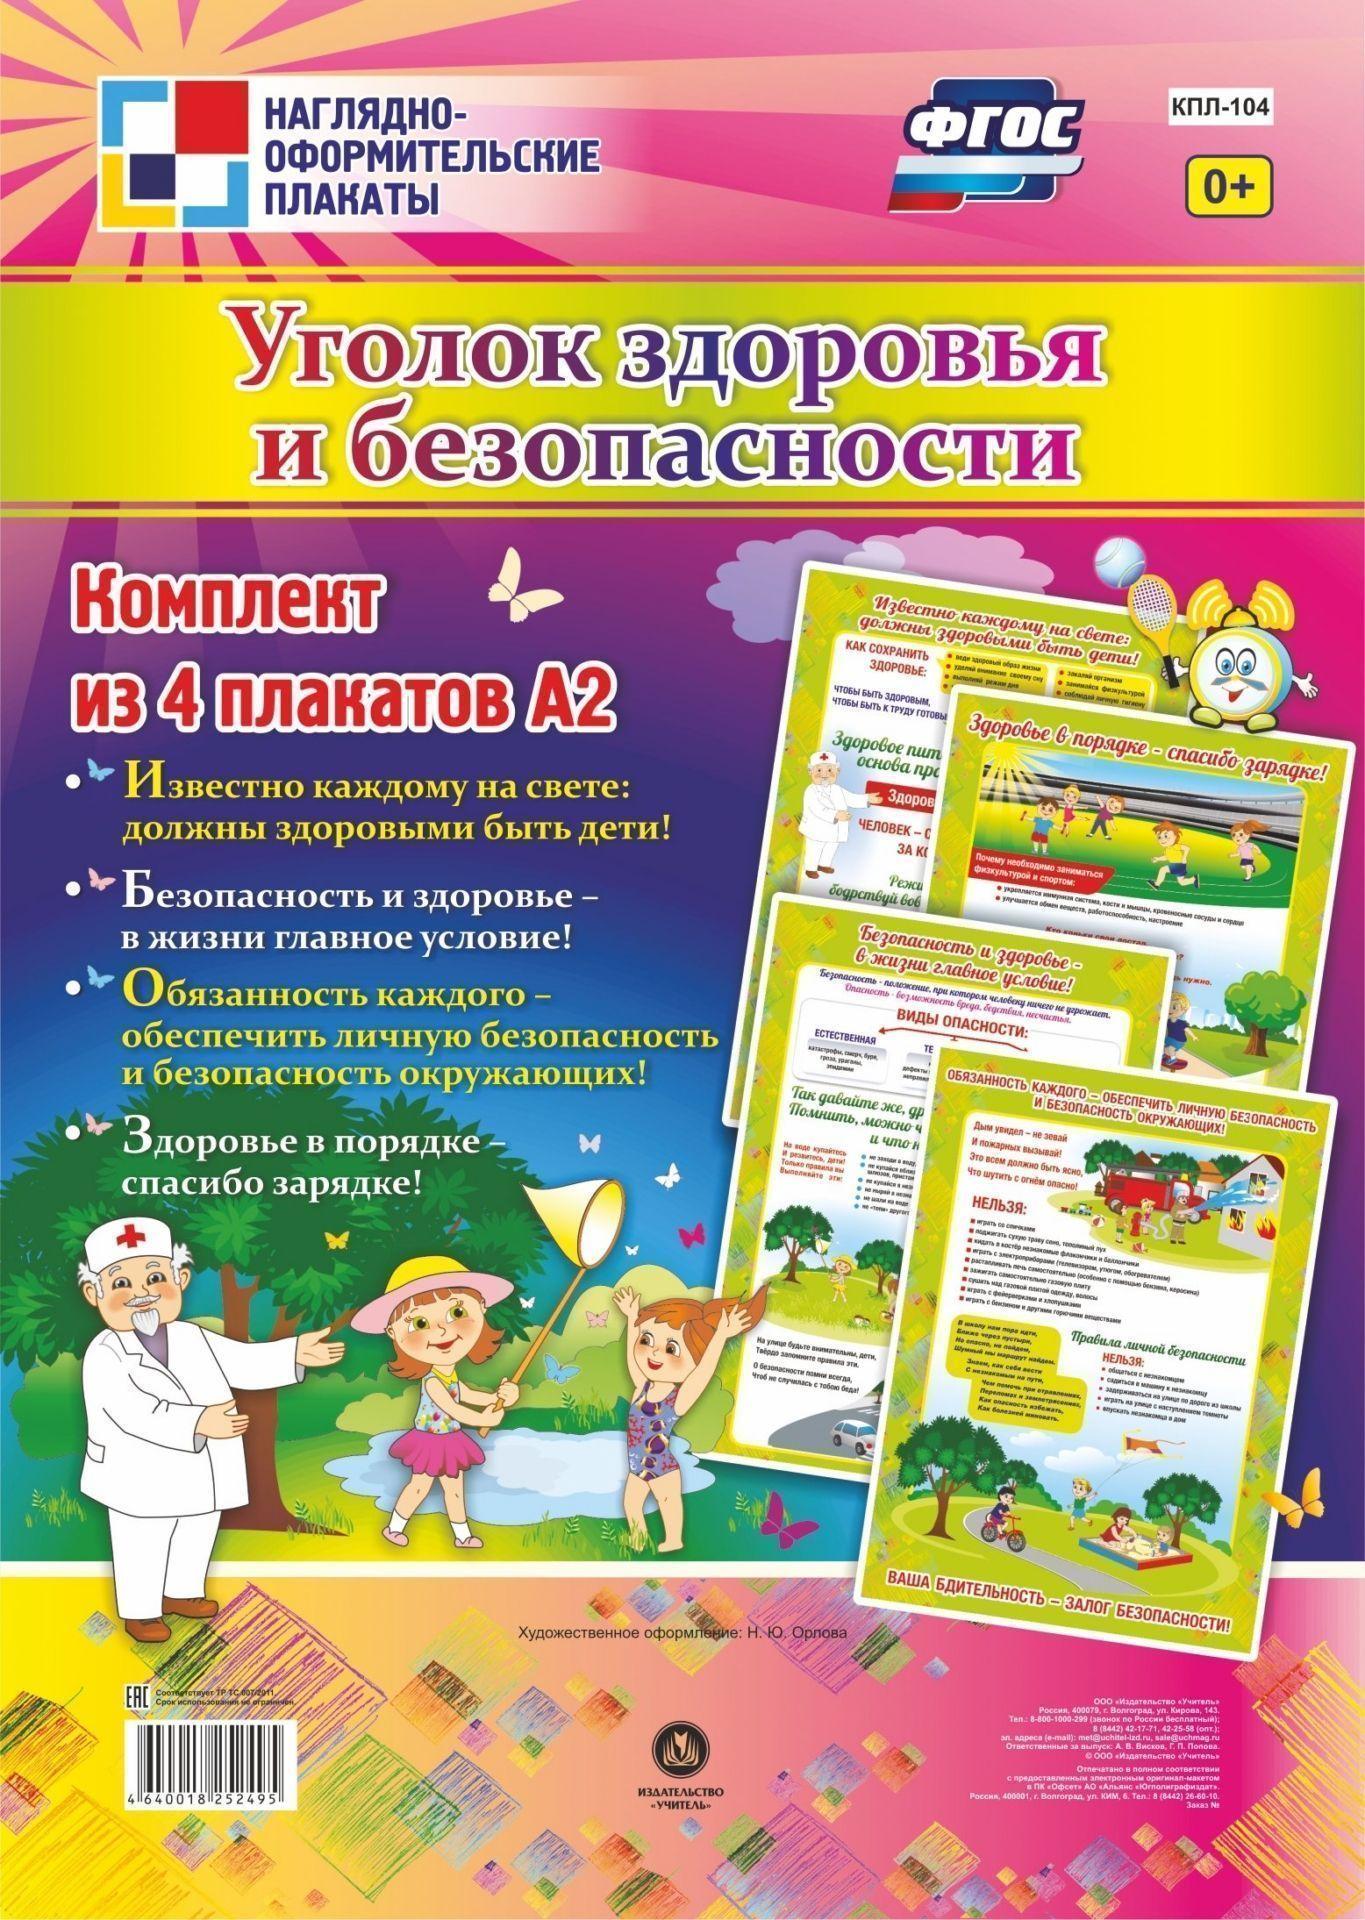 Комплект плакатов Уголок здоровья и безопасности: 4 плакатаИнформационно-деловое оснащение ДОО<br>.<br><br>Год: 2017<br>Серия: Наглядно-оформительские плакаты<br>Высота: 594<br>Ширина: 420<br>Переплёт: набор